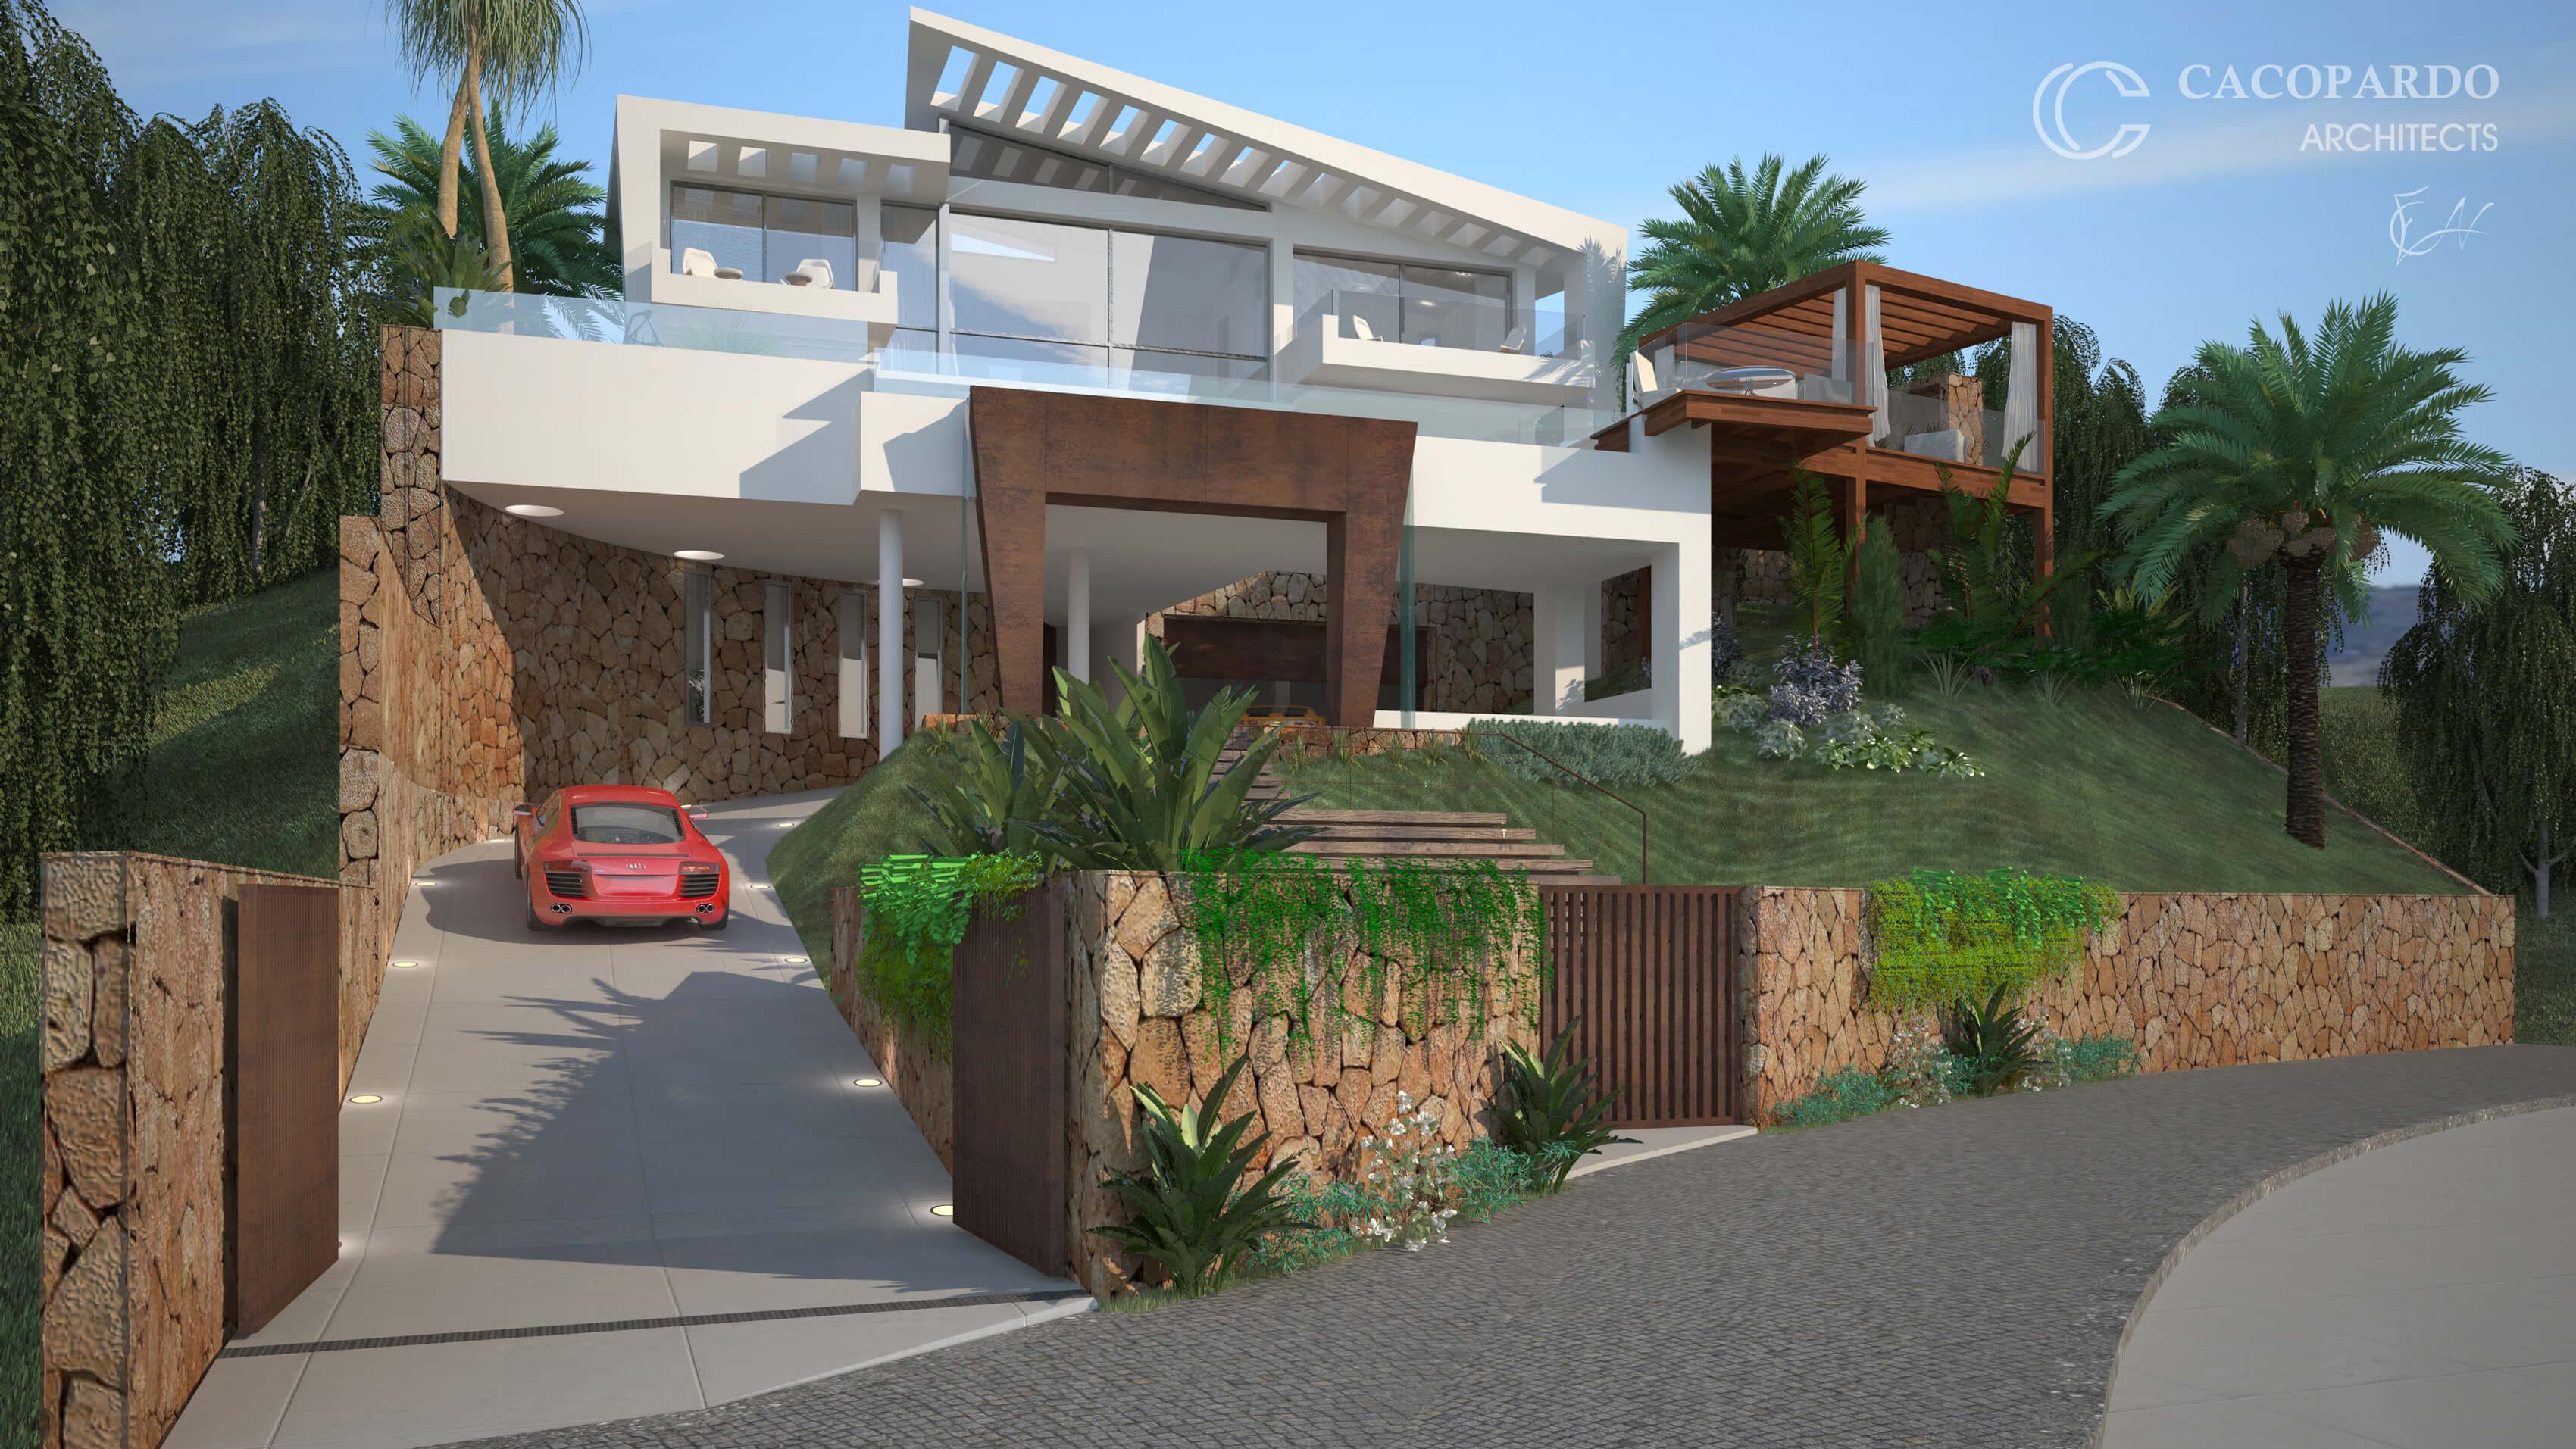 Vista desde la vía pública-Infinitum House- Costa del Sol